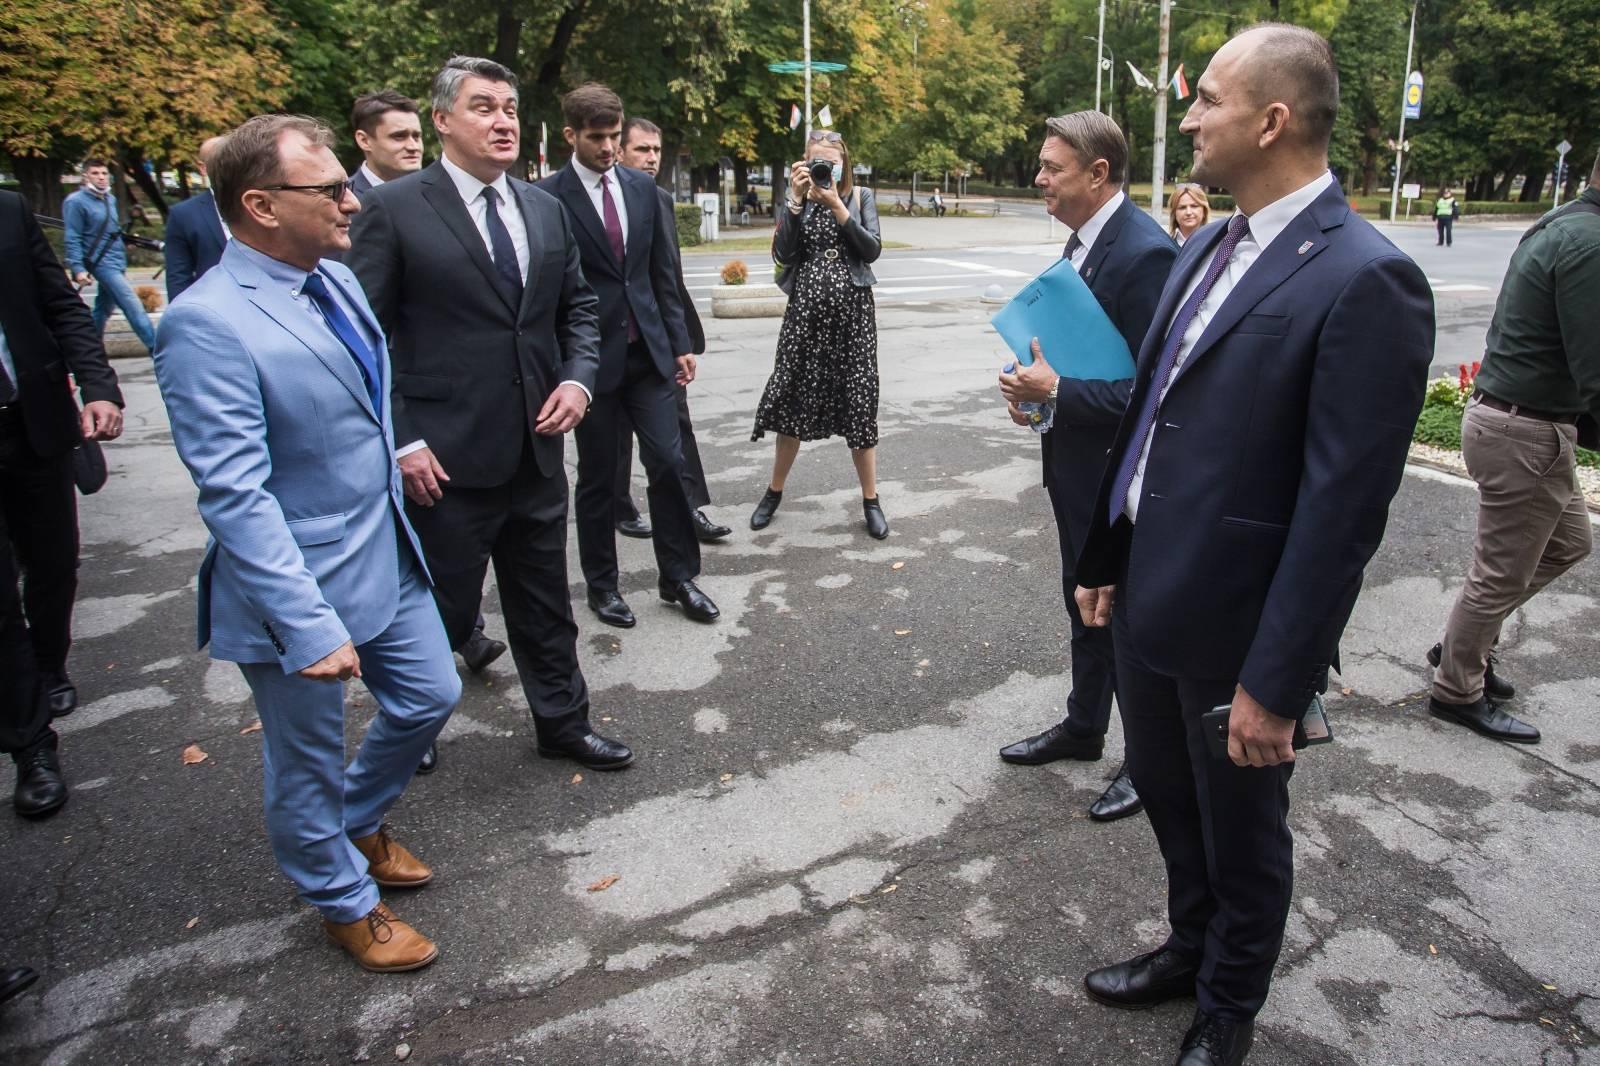 Predsjednik Milanović na svečanoj sjednici Gradskog vijeća Grada Donjeg Miholjca